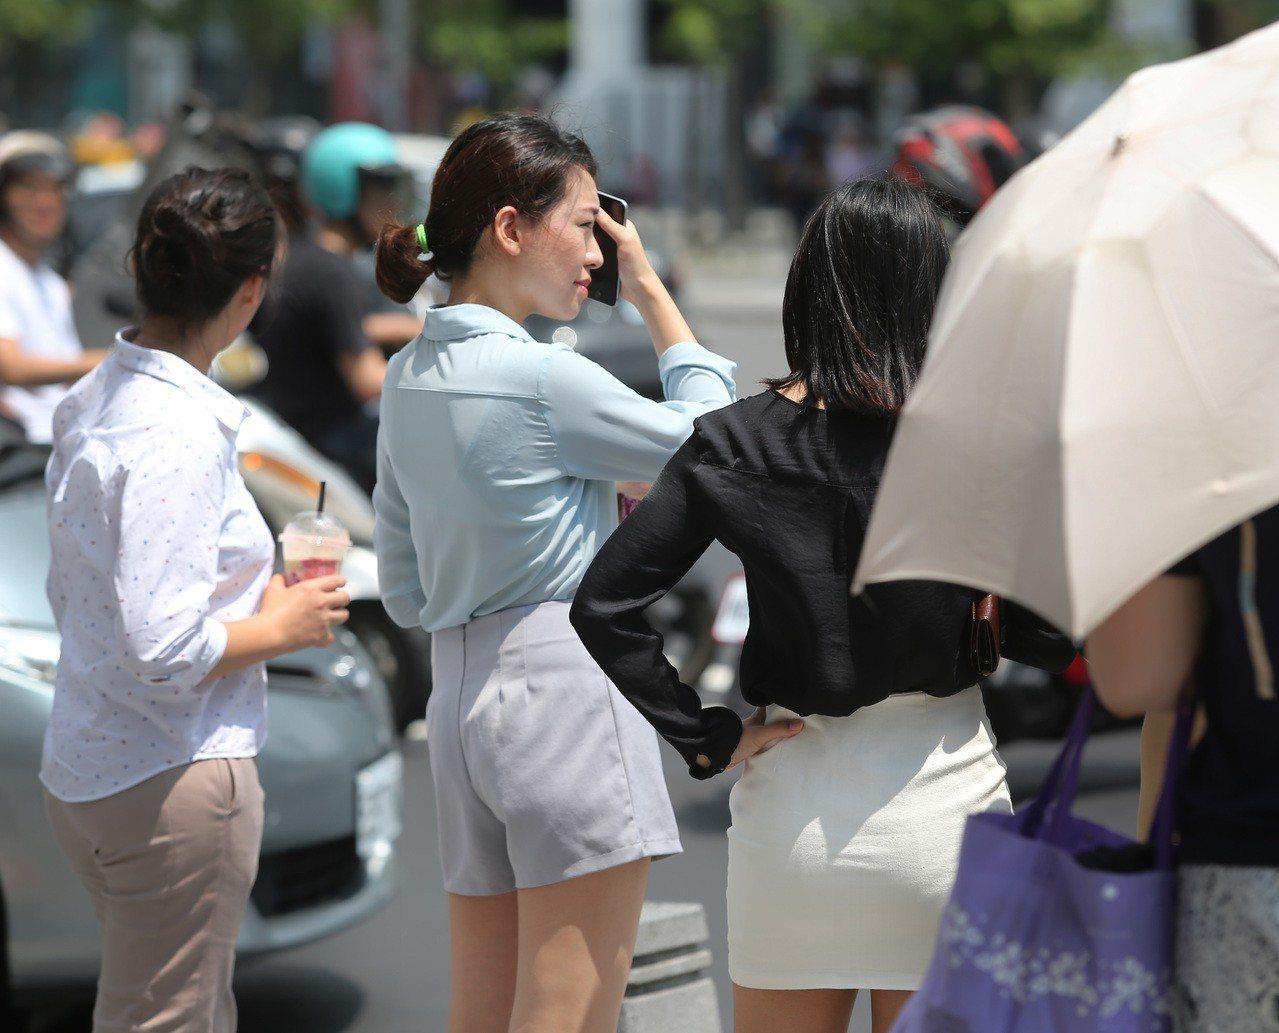 全台氣溫晴朗悶熱,台北昨天出現攝氏36度高溫,刷新今年紀錄。記者林澔一/攝影